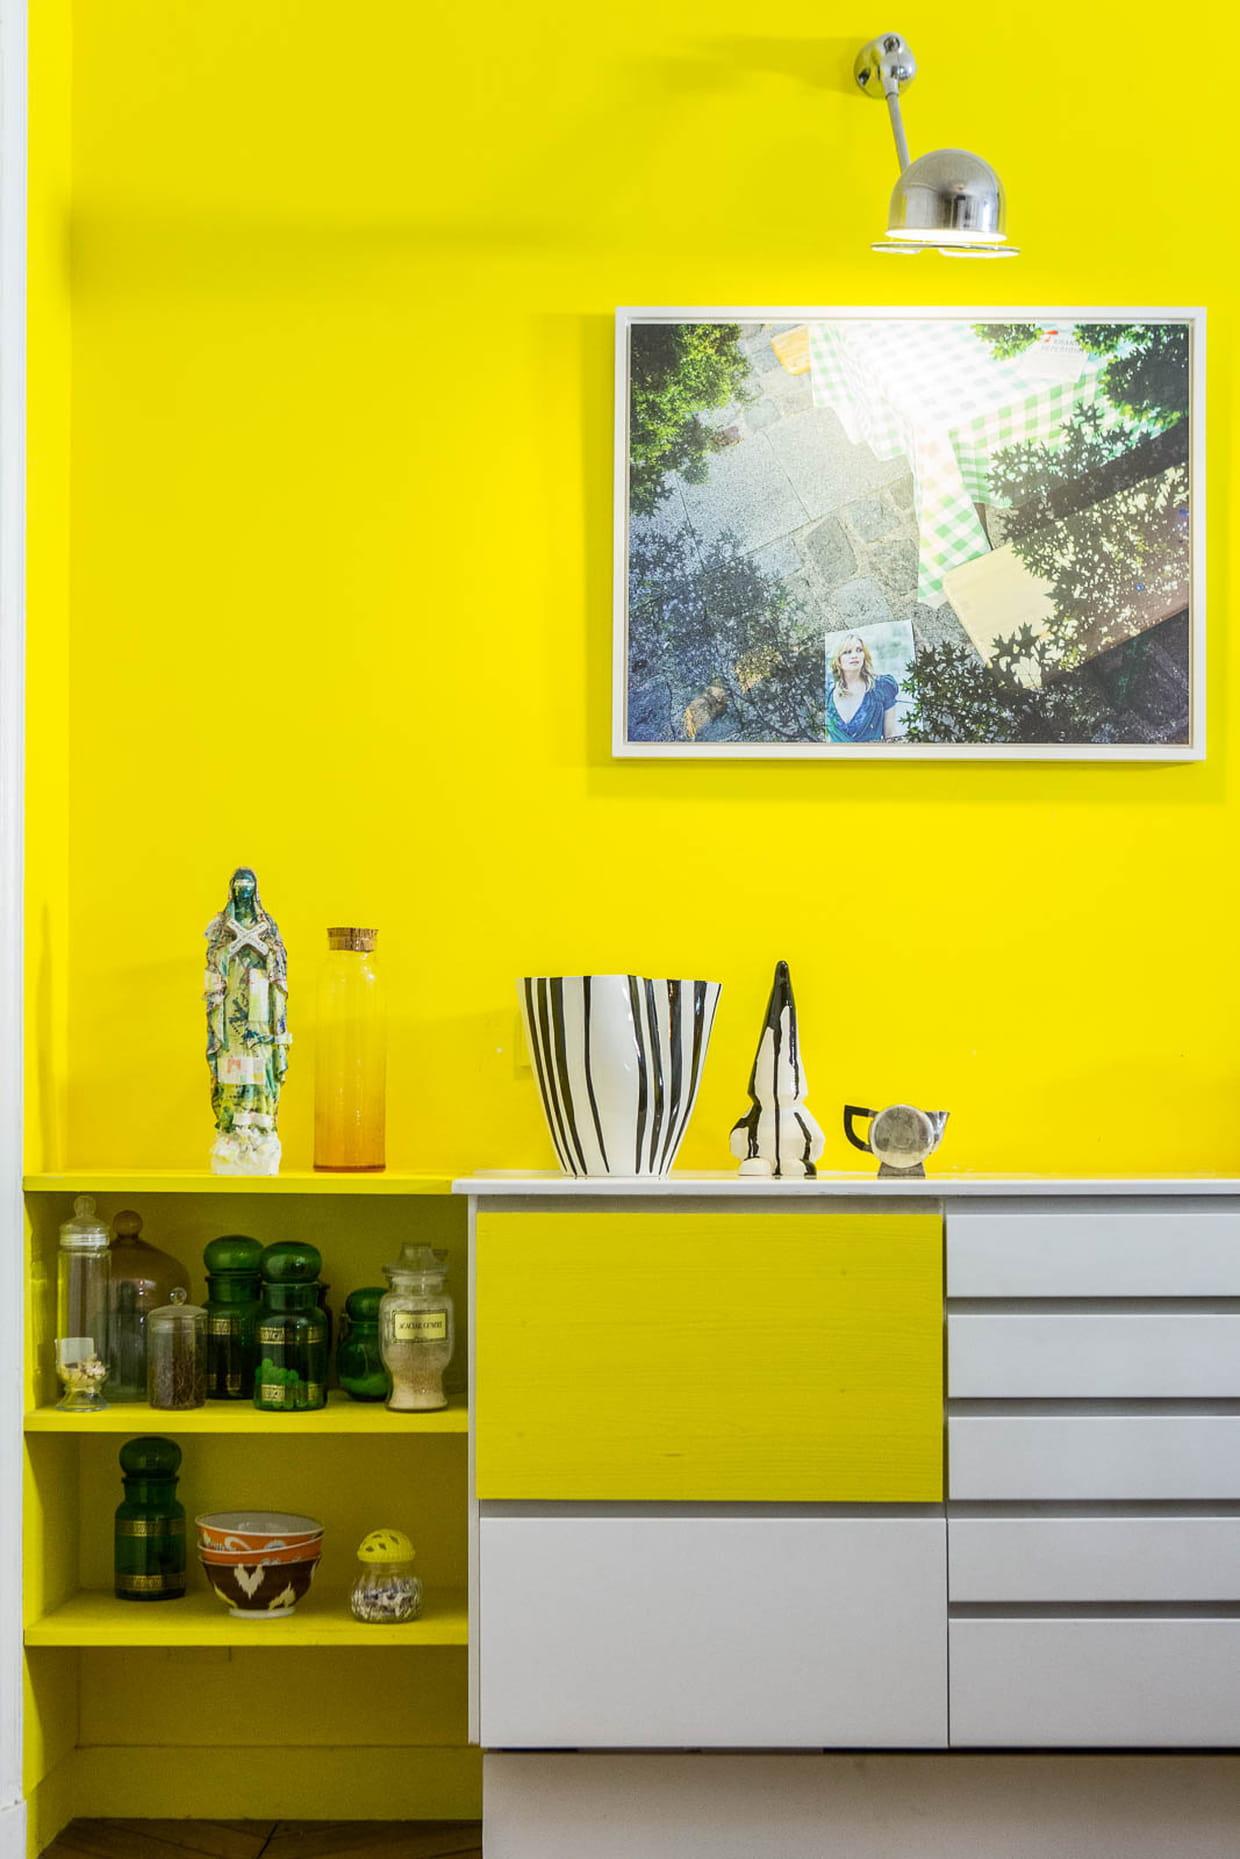 De la peinture jaune au mur - Deco journal des femmes ...